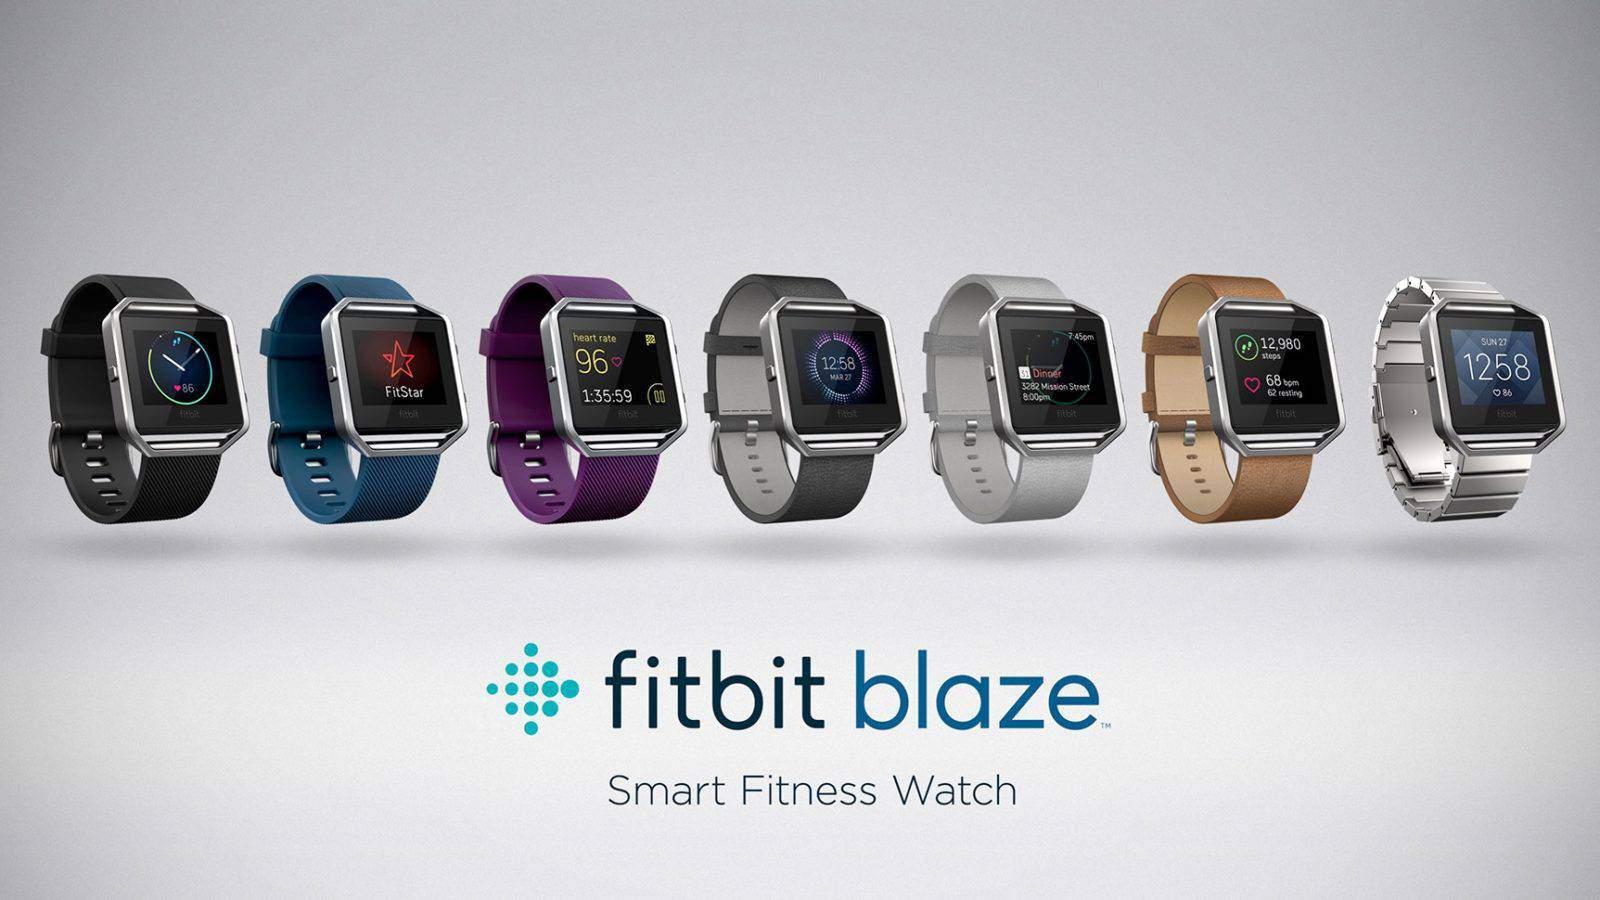 Fitbit Blaze Lineup Official Image KK